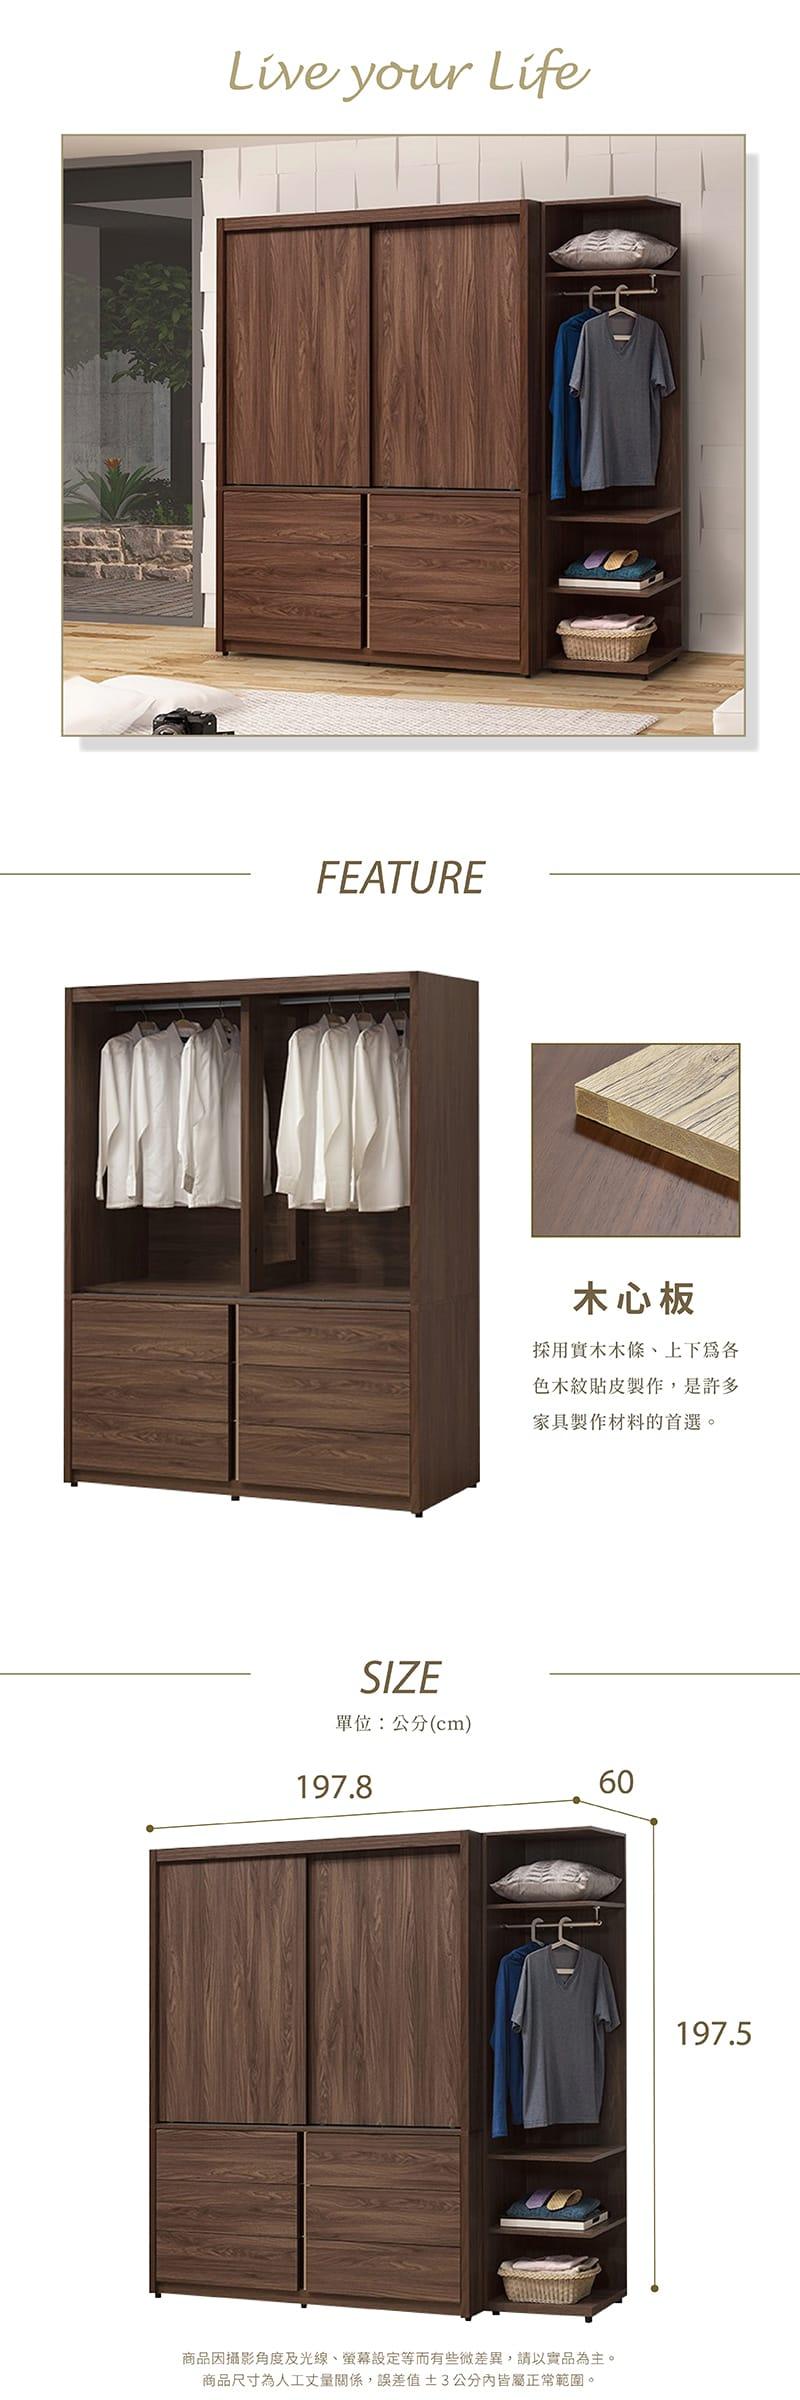 達爾文 拉門收納置物衣櫃 寬198cm